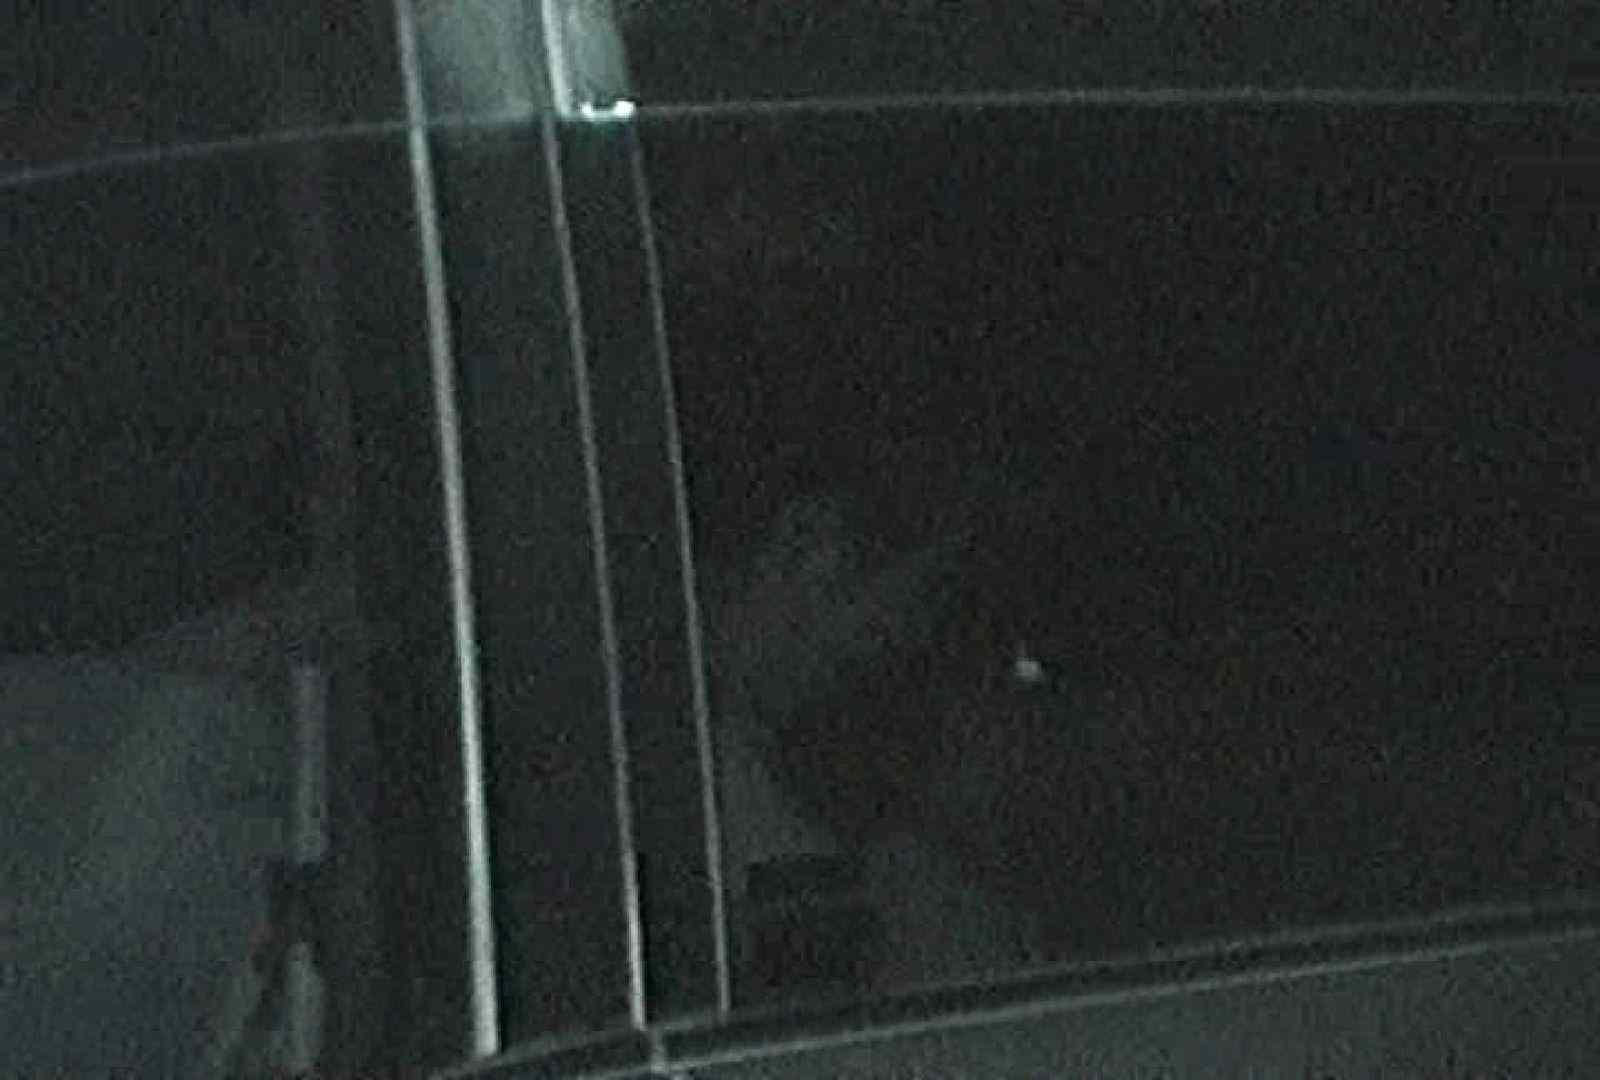 充血監督の深夜の運動会Vol.91 素人エロ投稿 | OLセックス  102画像 88